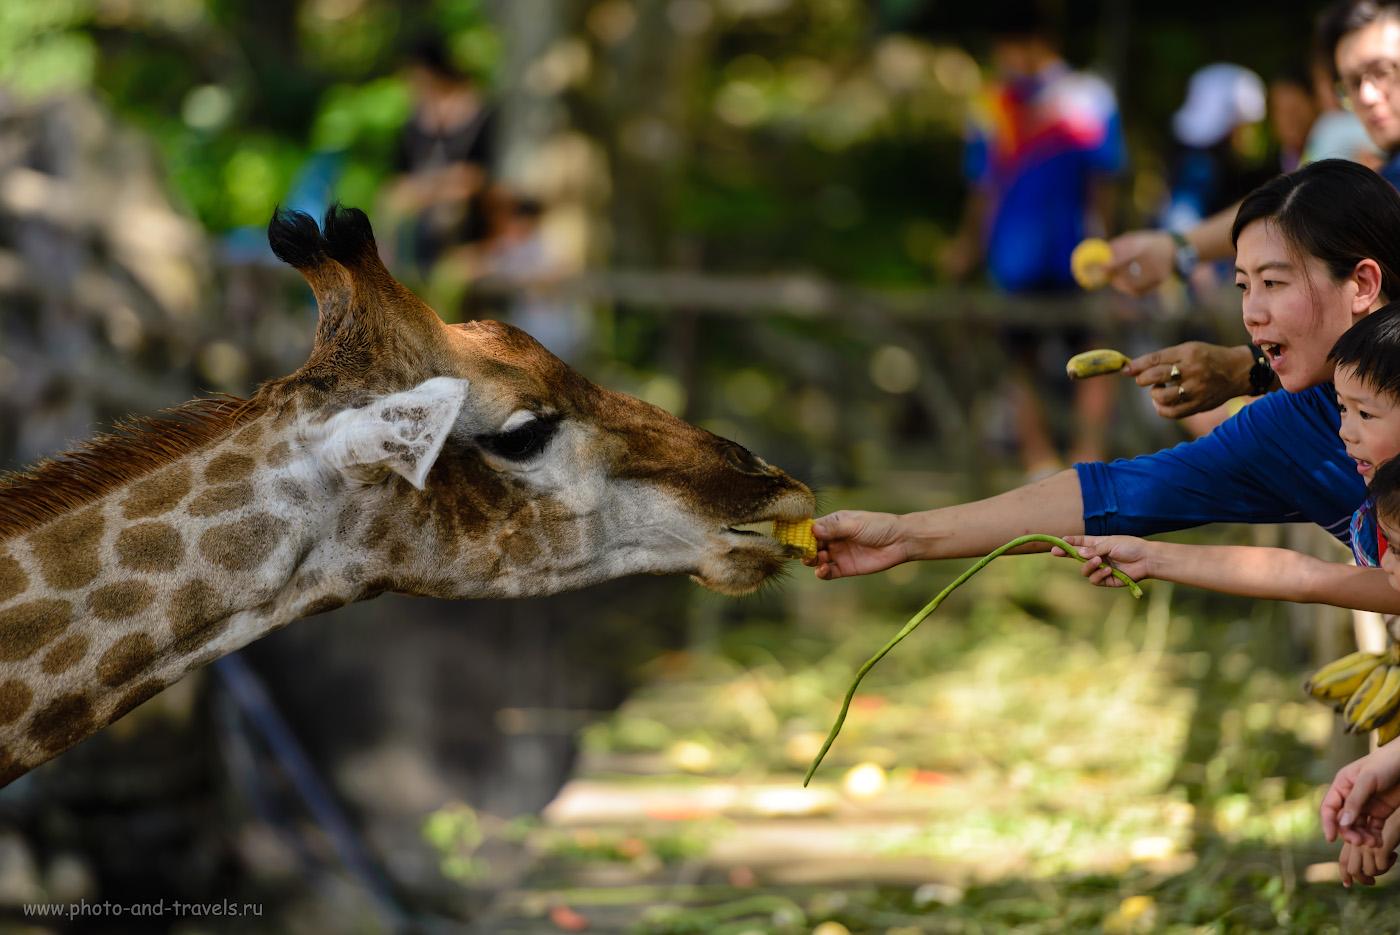 Фото 1. «Кхао Кхео» (Khao Kheow Open Zoo) – это огромный контактный зоопарк, где можно покормить почти всех животных. Экскурсия, куда можно поехать с ребенком, отдыхая в Паттайе. Снято на Nikon D610 + Nikon 70-200mm f/2.8G. Настройки: 1/500, +0.33, 2.8, 250, 200.